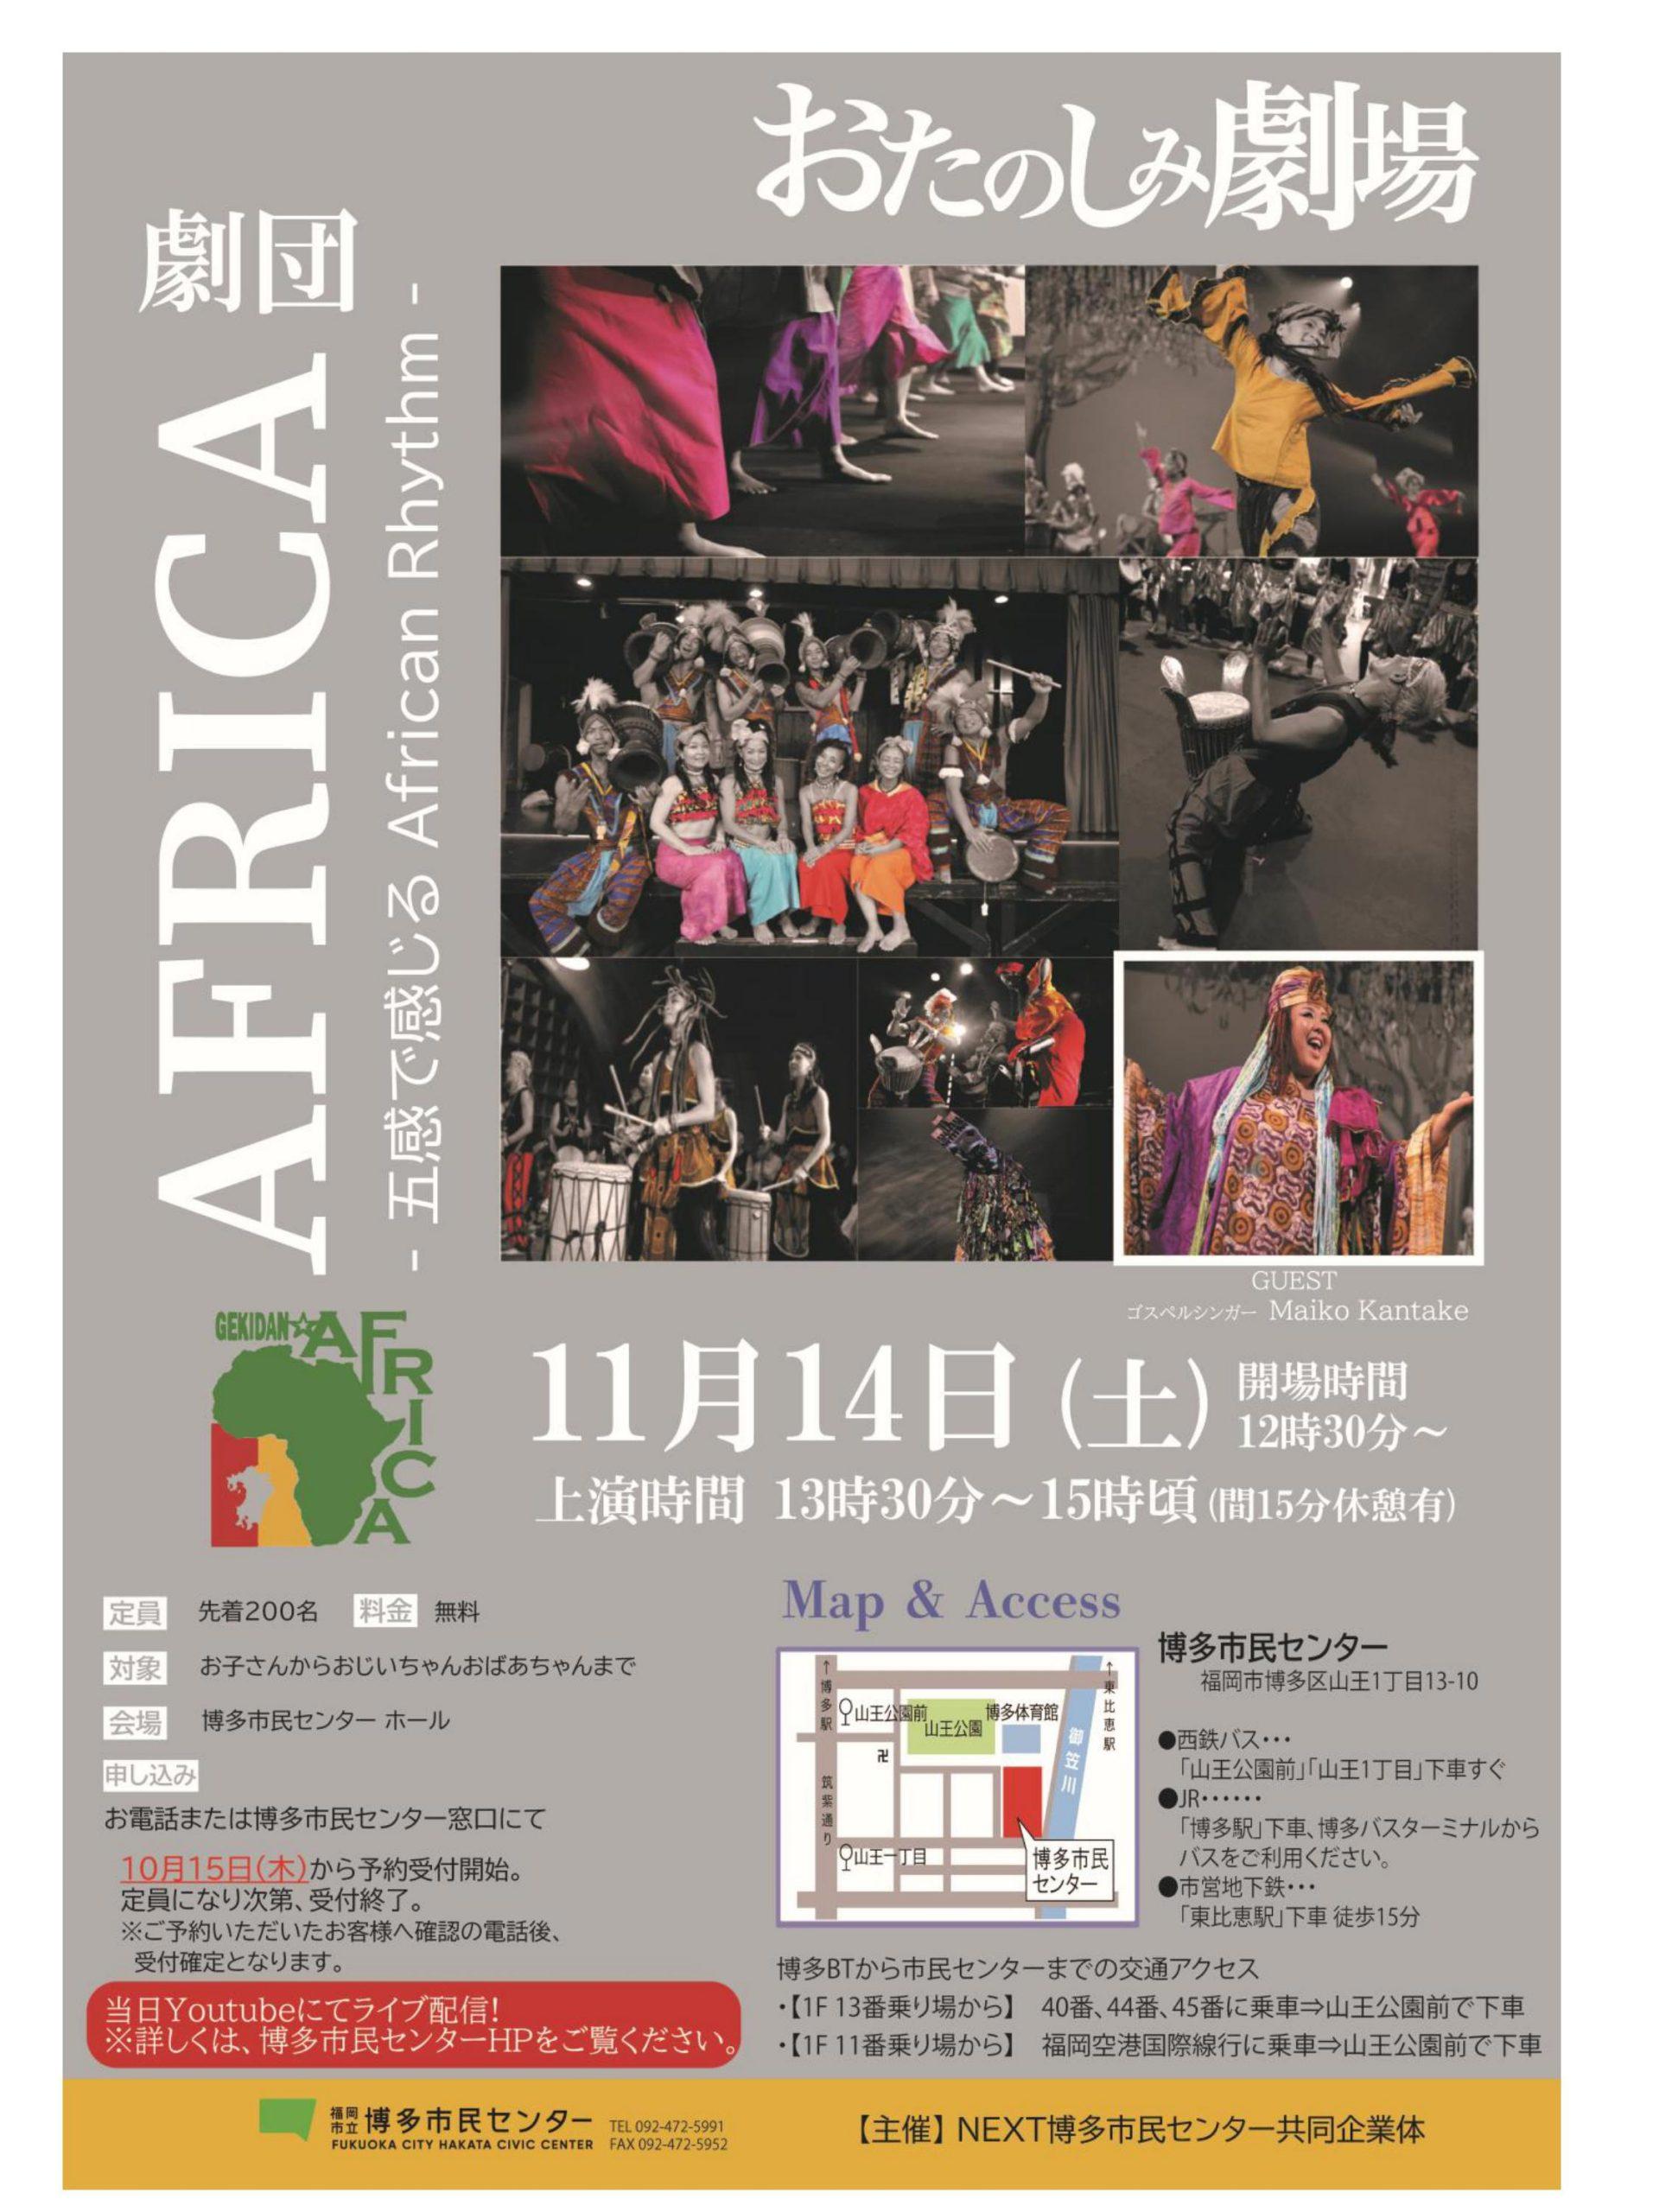 【お楽しみ劇場】劇団AFRICA ~五感で感じるAfrican Rhythm~